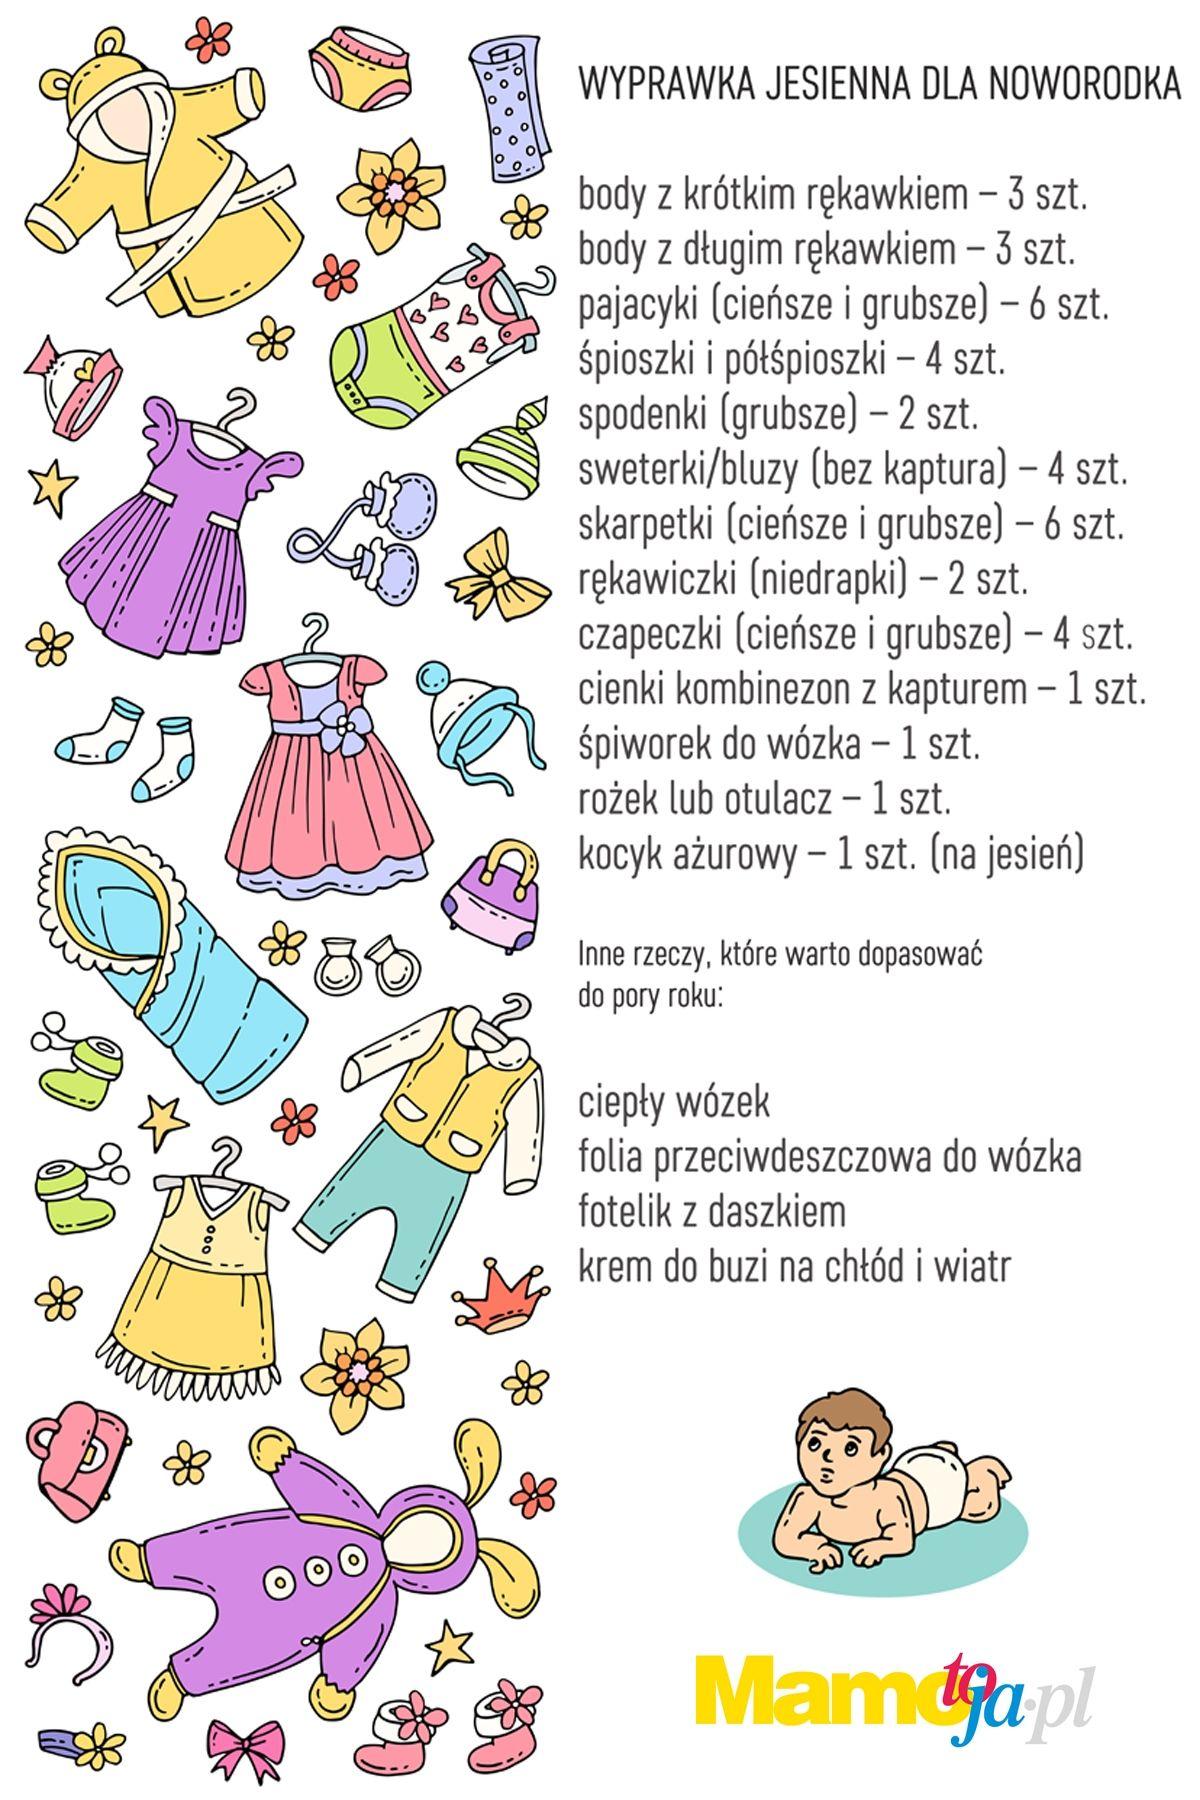 20c396cec14d1d Jesienna wyprawka dla noworodka: lista obowiązkowa! | Mamotoja.pl